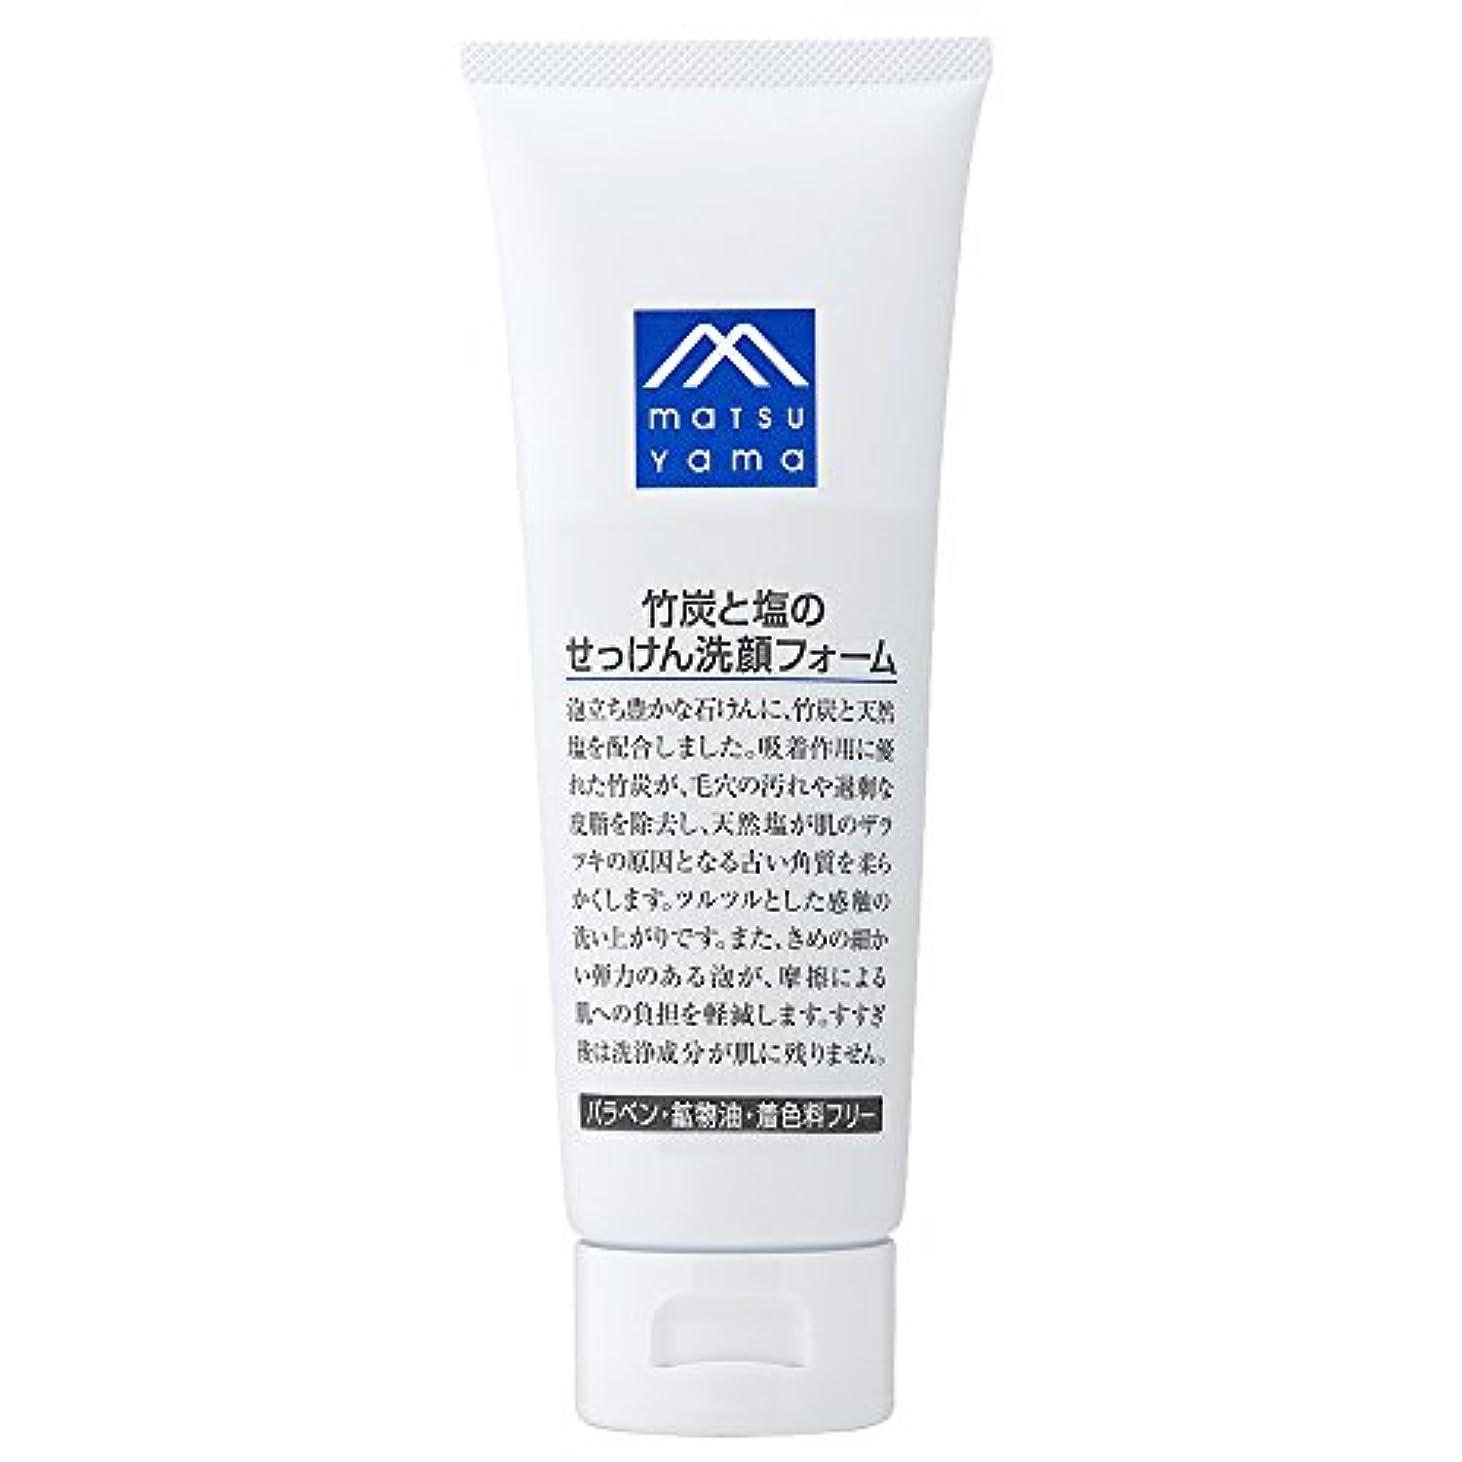 唯物論命令的後世M-mark 竹炭と塩のせっけん洗顔フォーム